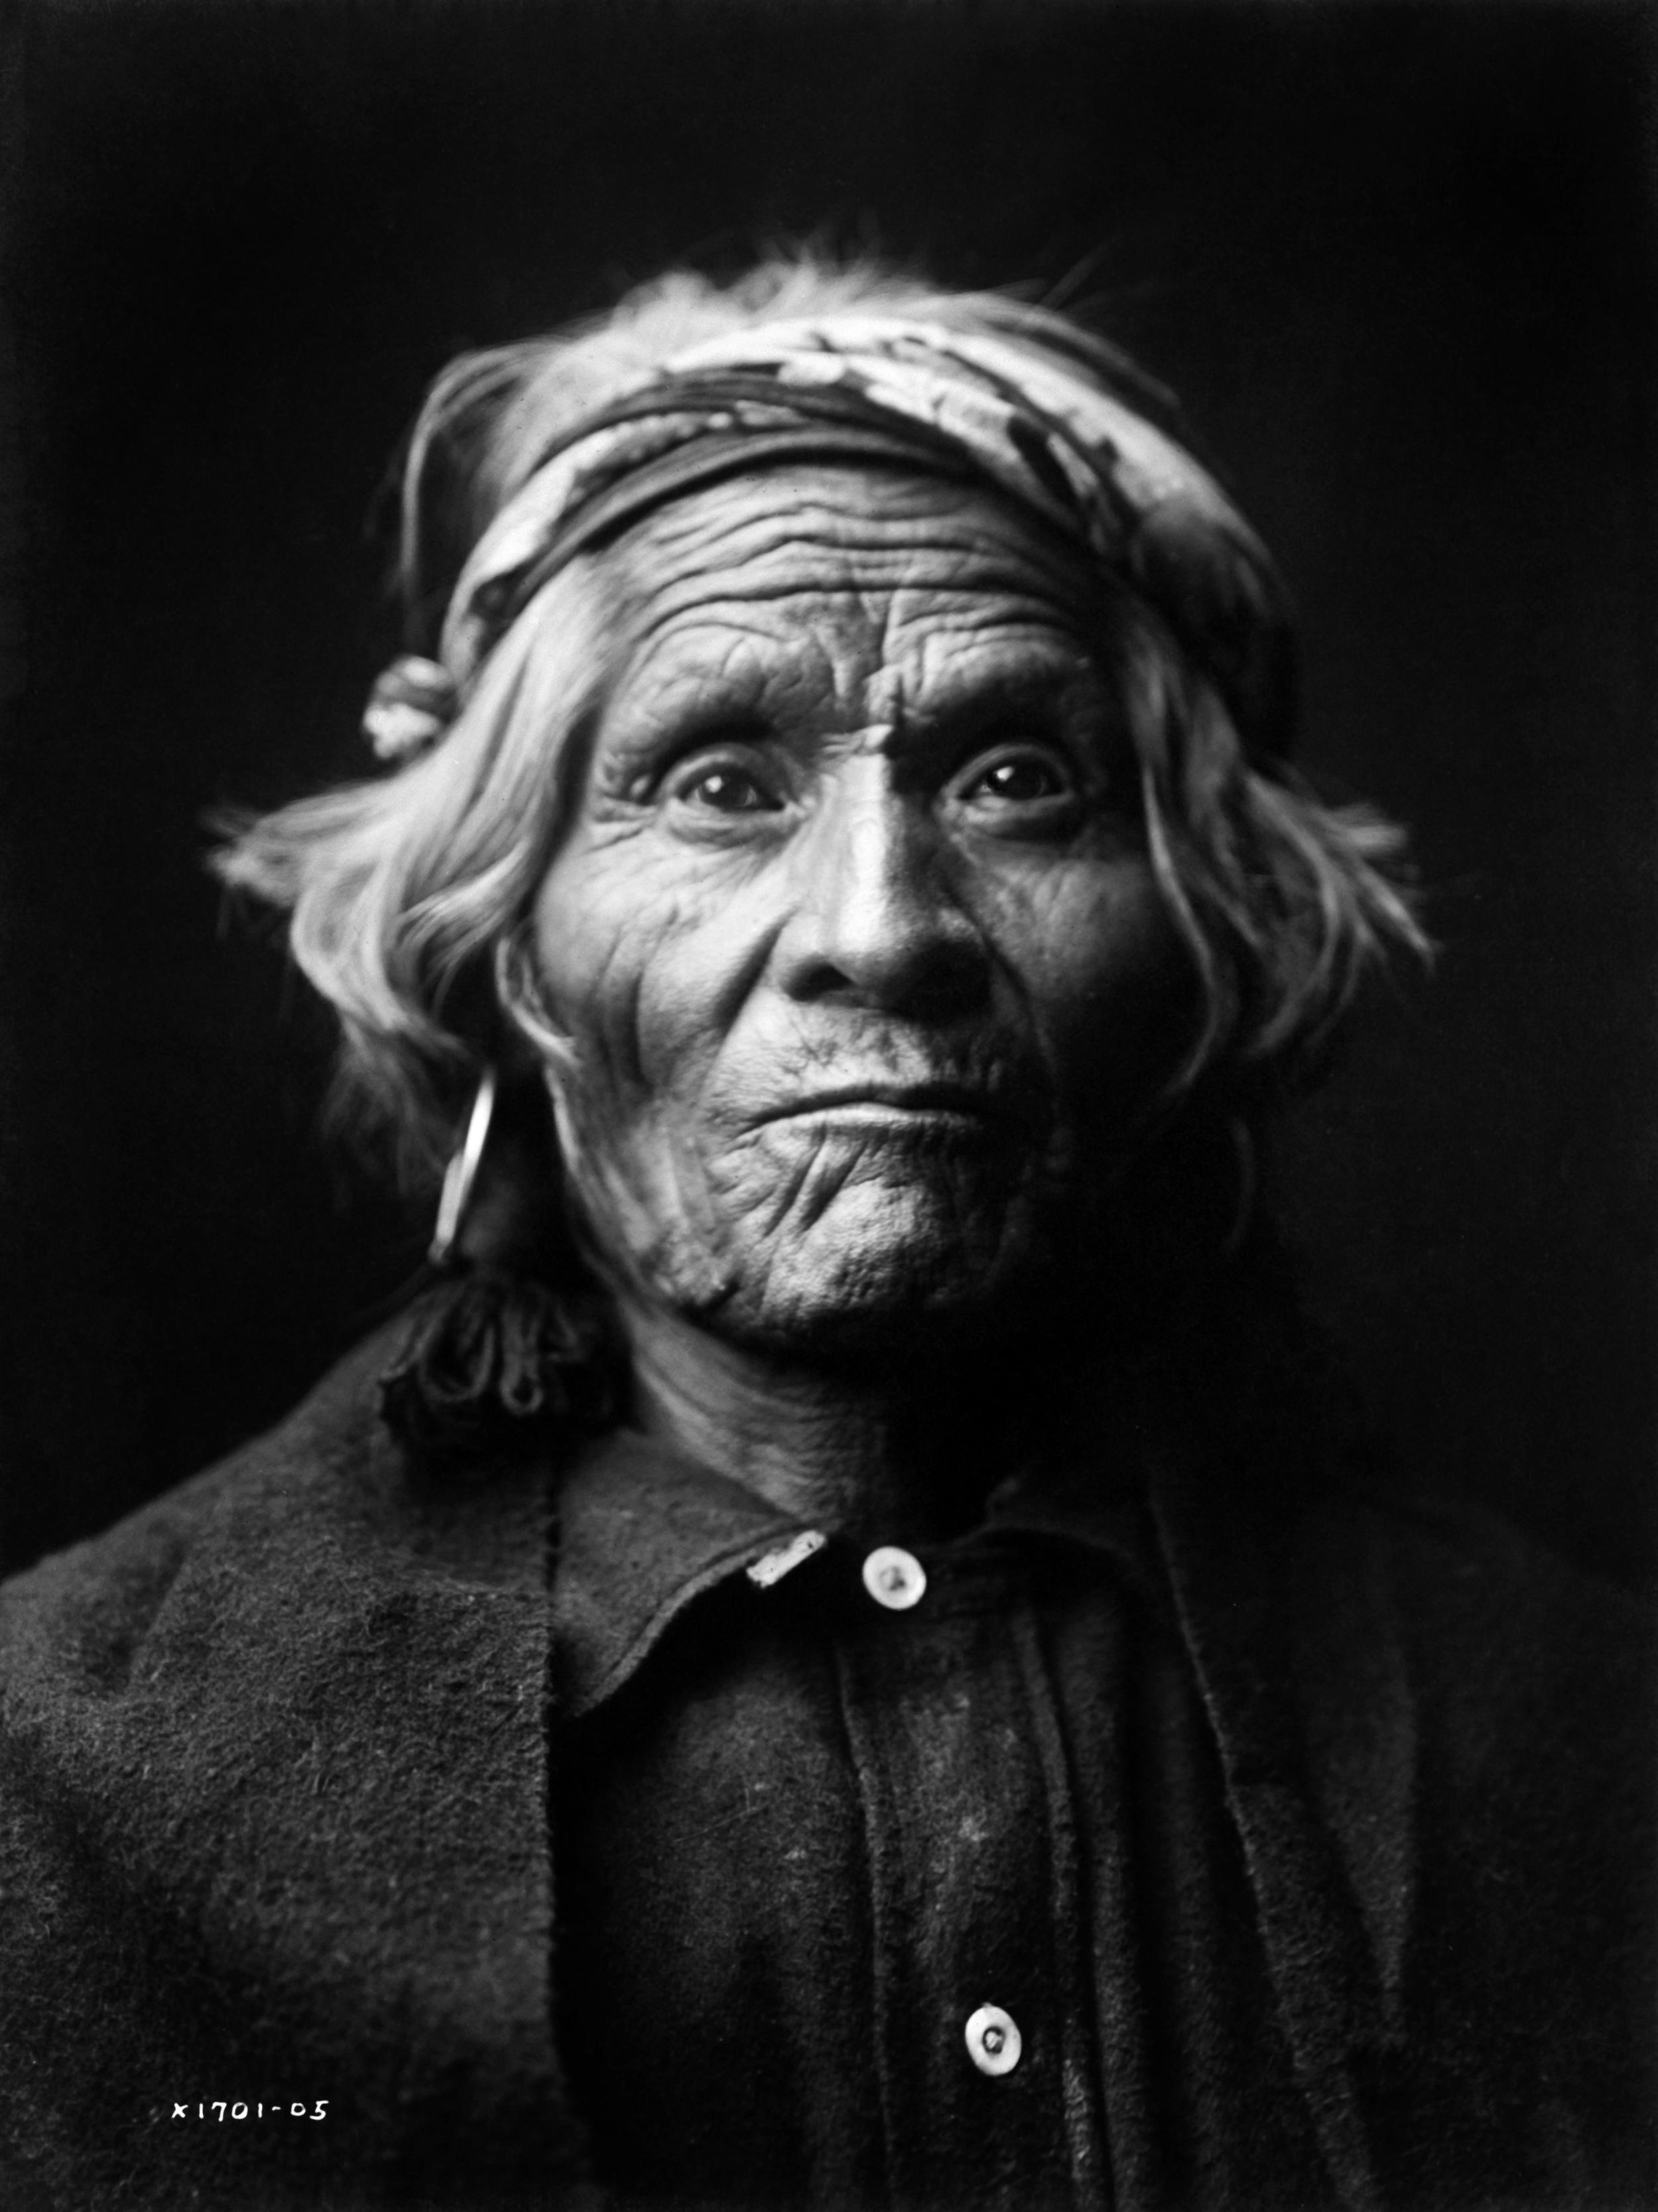 Edward_S._Curtis,_Wyemah,_Taos_Indian,_1905.jpg